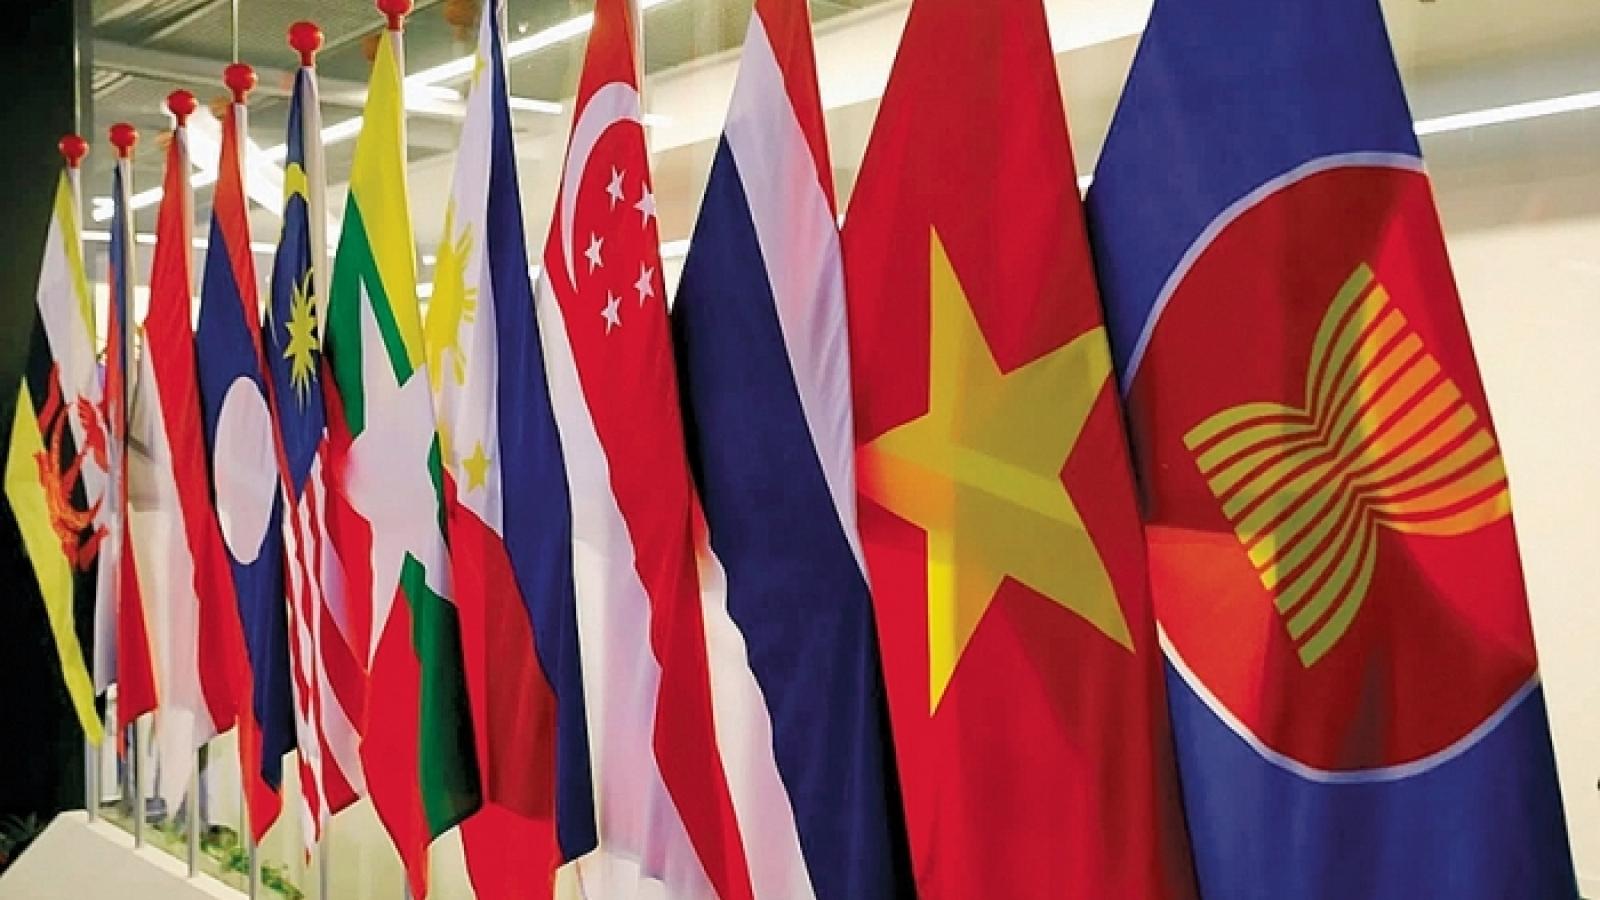 Hội nghị Cấp cao ASEAN và các Hội nghị Cấp cao liên quan dự kiến diễn ra từ ngày 26-28/10